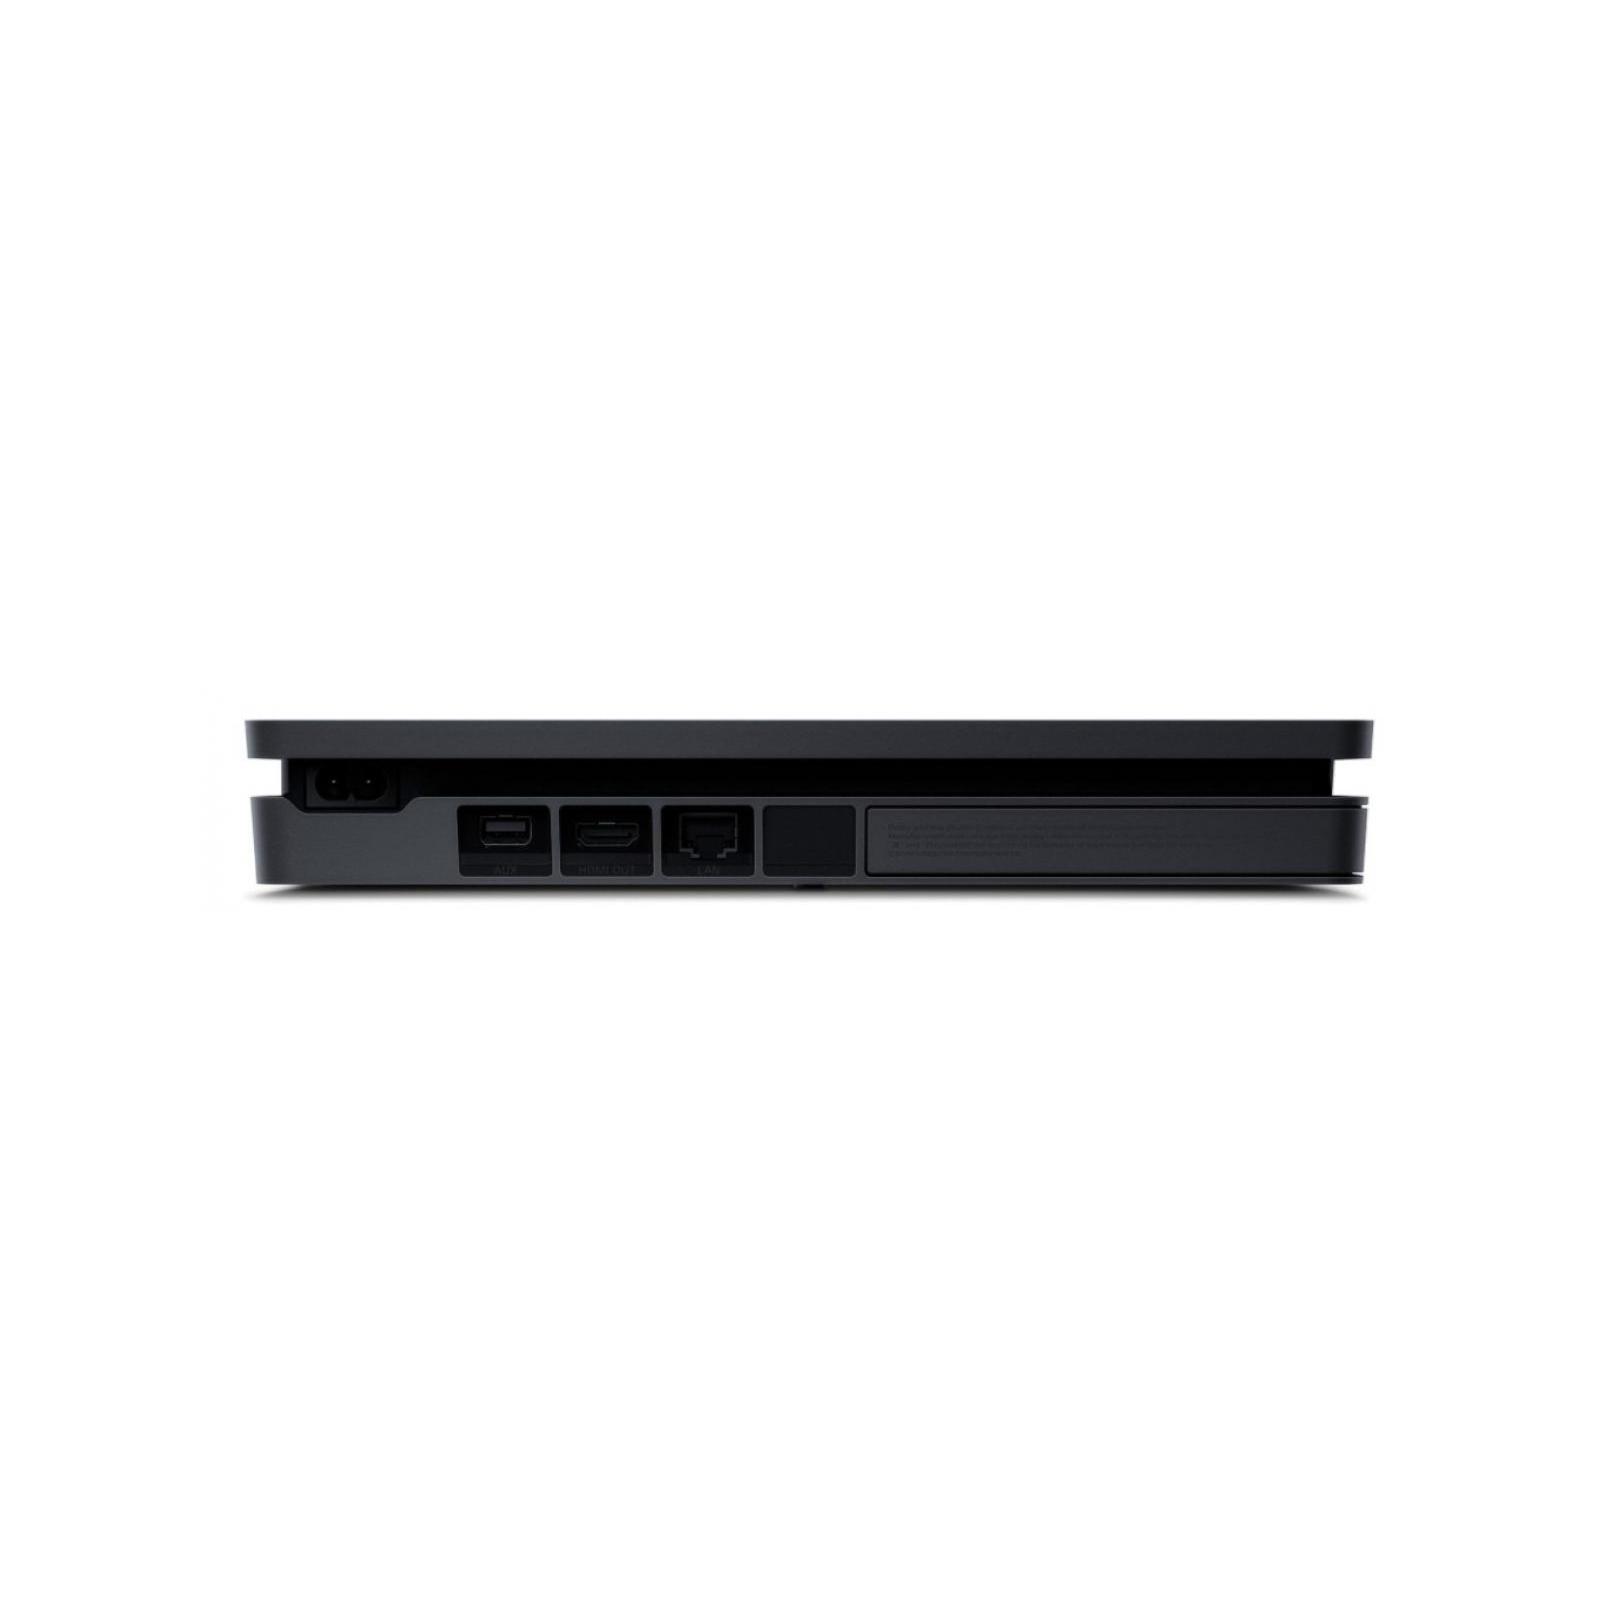 Игровая консоль SONY PlayStation 4 Slim 500 Gb Black (HZD+GTS+UC4+Wargaming+PSPl) (9395270*) изображение 8